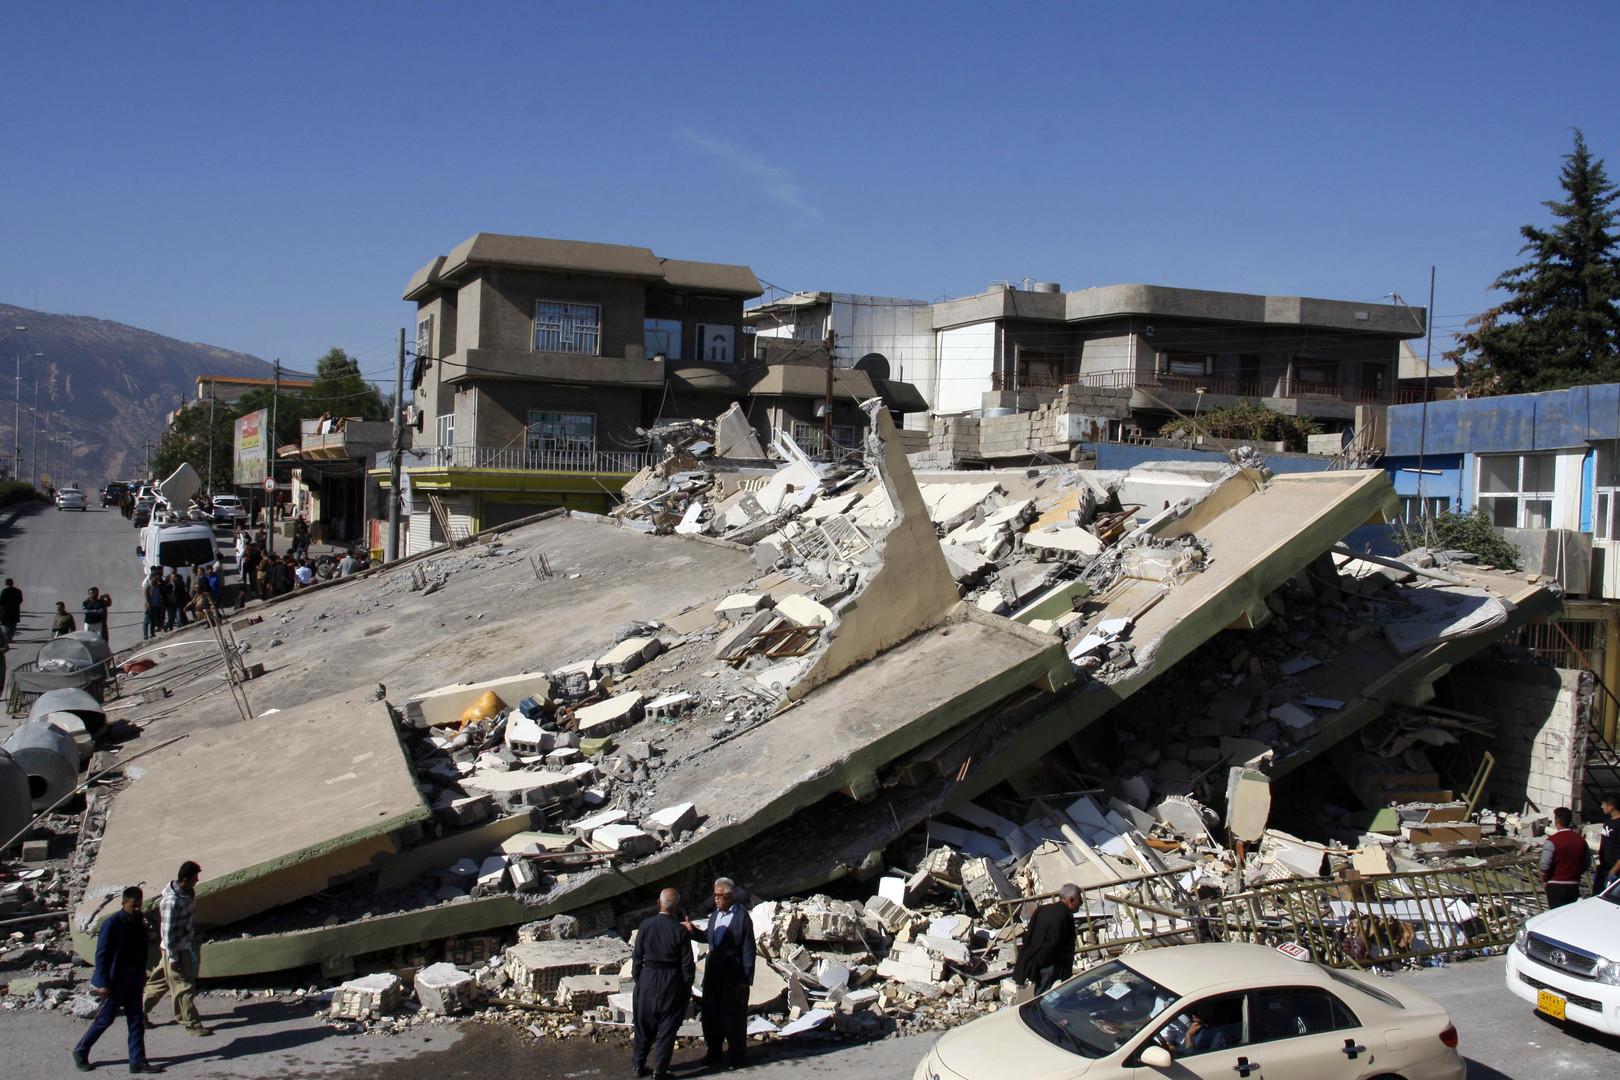 أنقاض مبان مدمرة جراء زلزال ضرب الحدود العراقية الغيرانية (دربندخان، كردستان العراق، 13